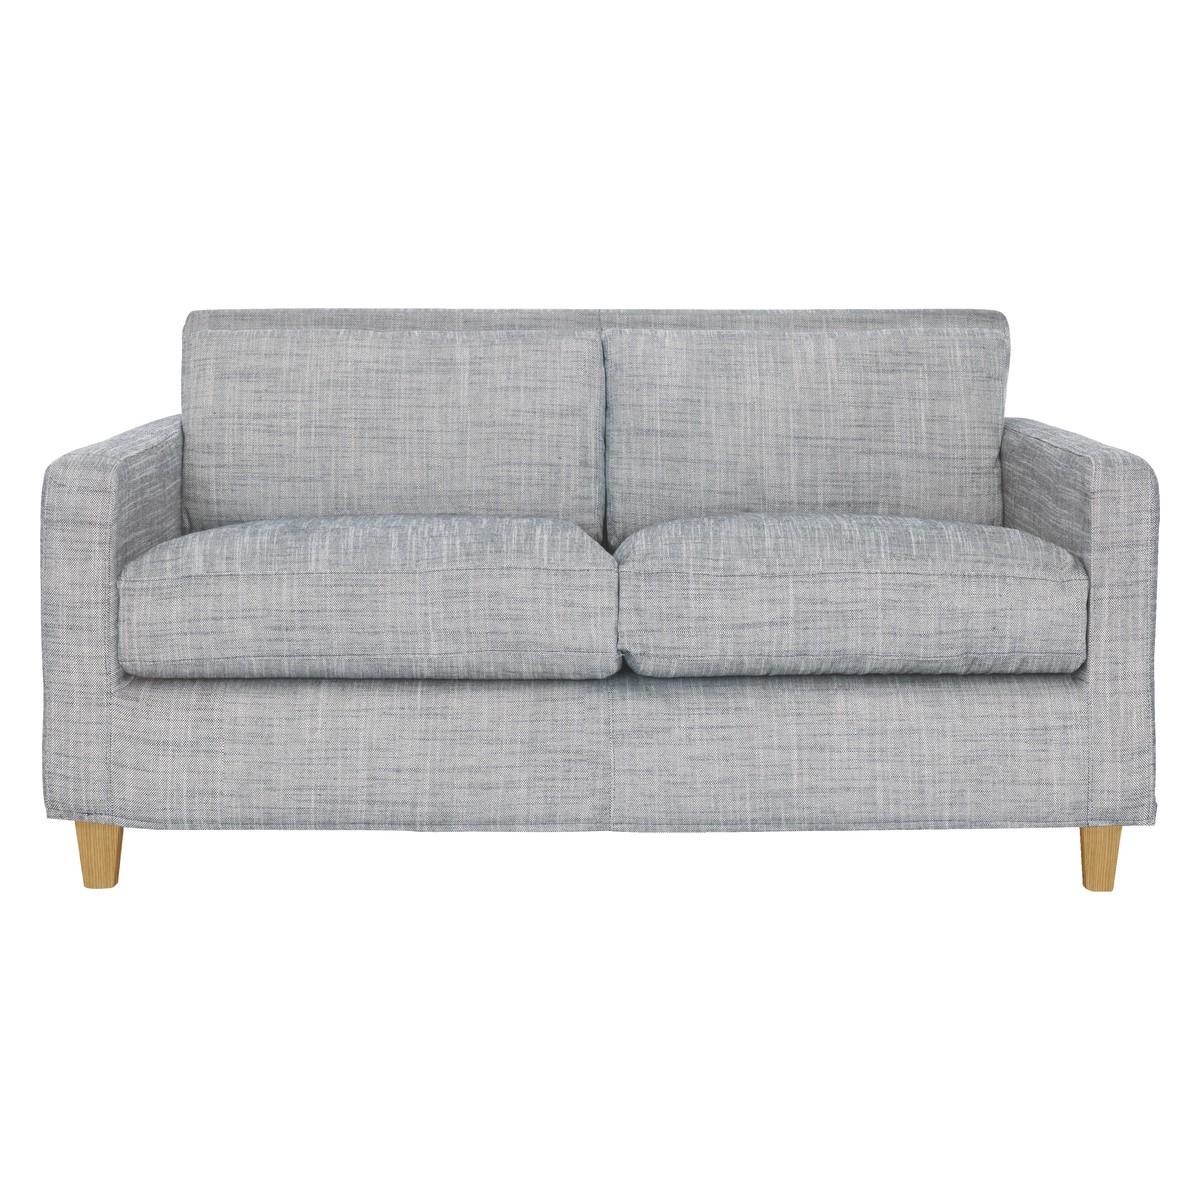 2 seater sofa hover to zoom PTLJLML